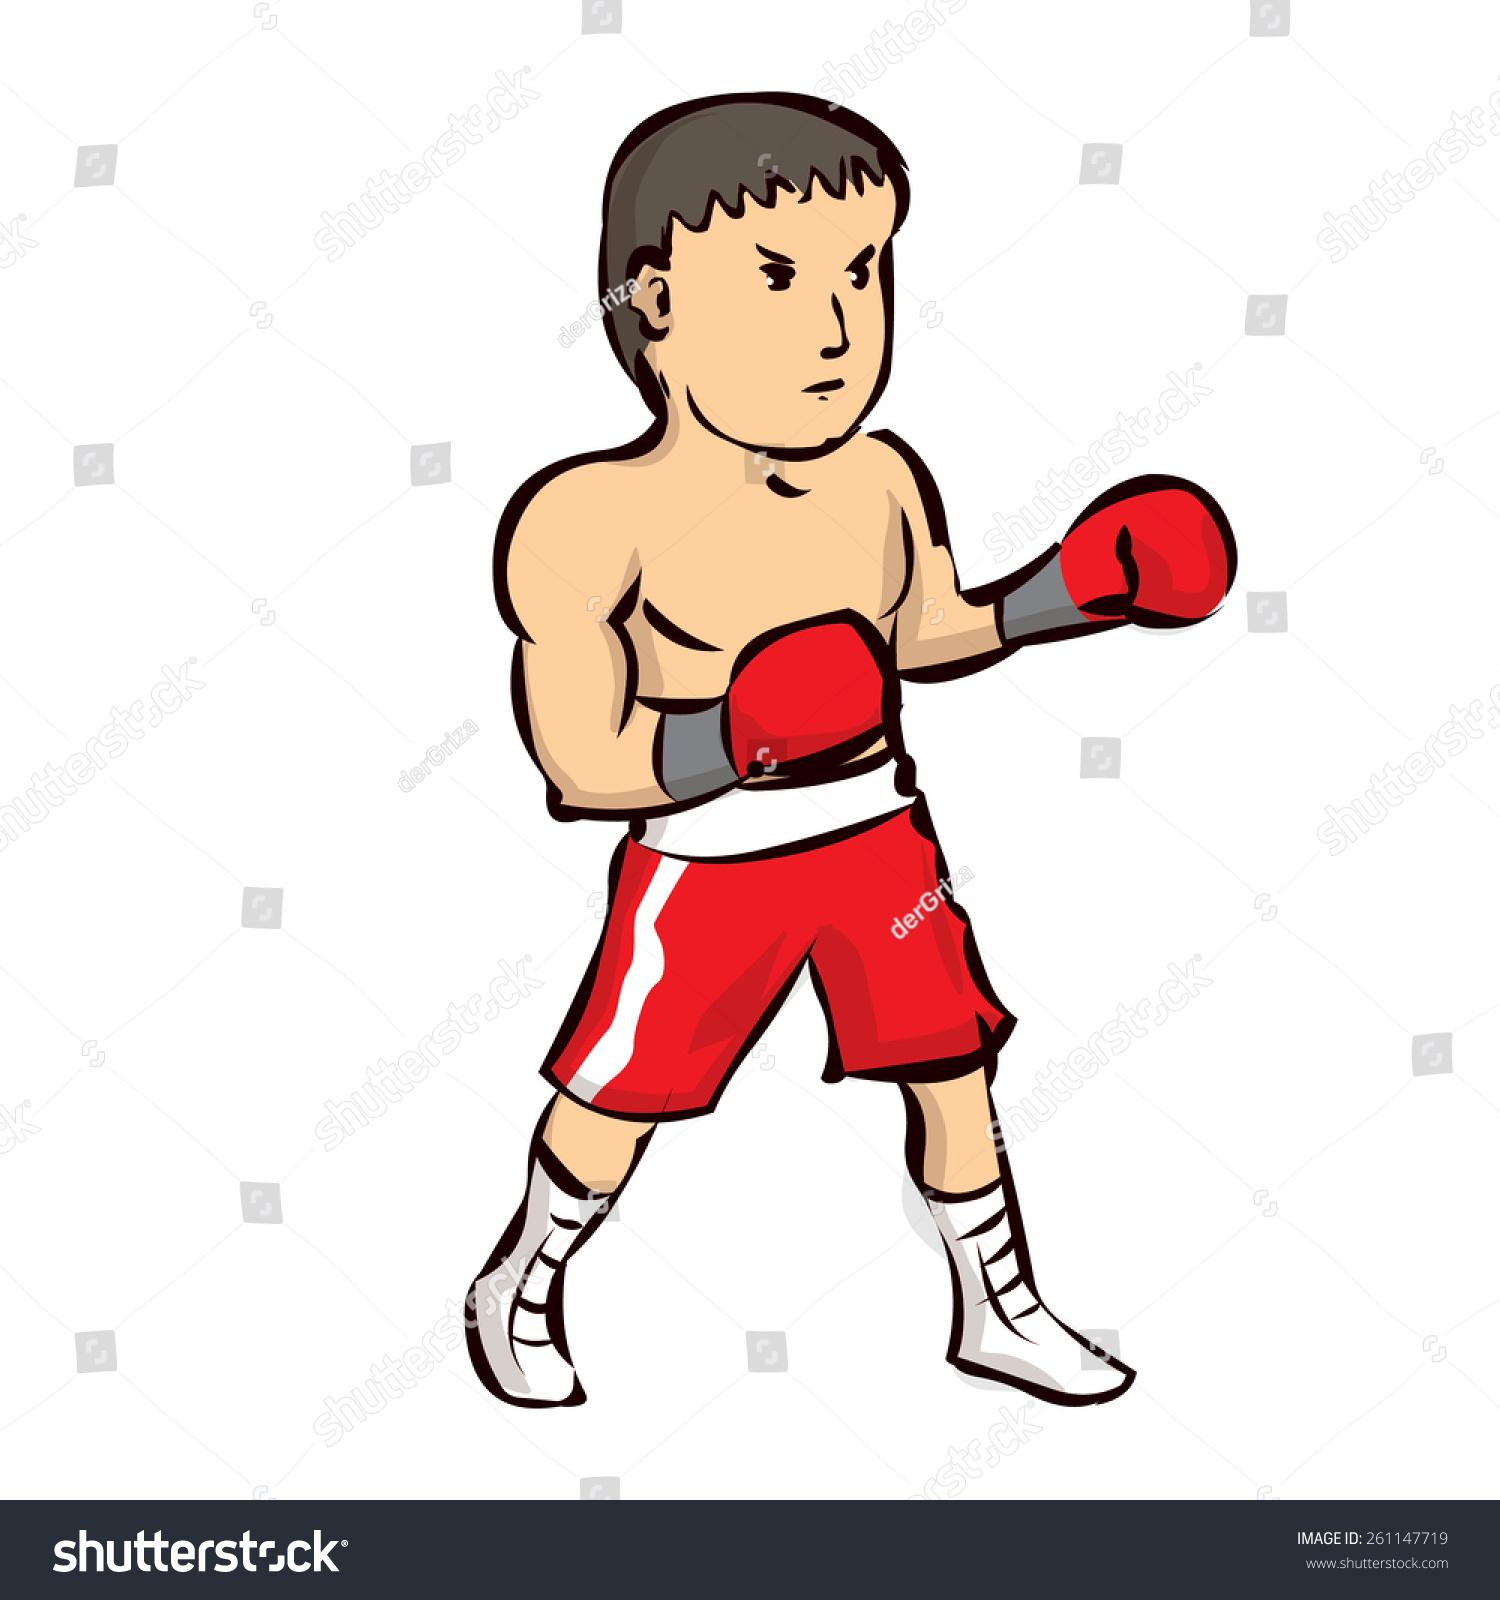 手绘卡通拳击手-人物,运动/娱乐活动-海洛创意()-中国